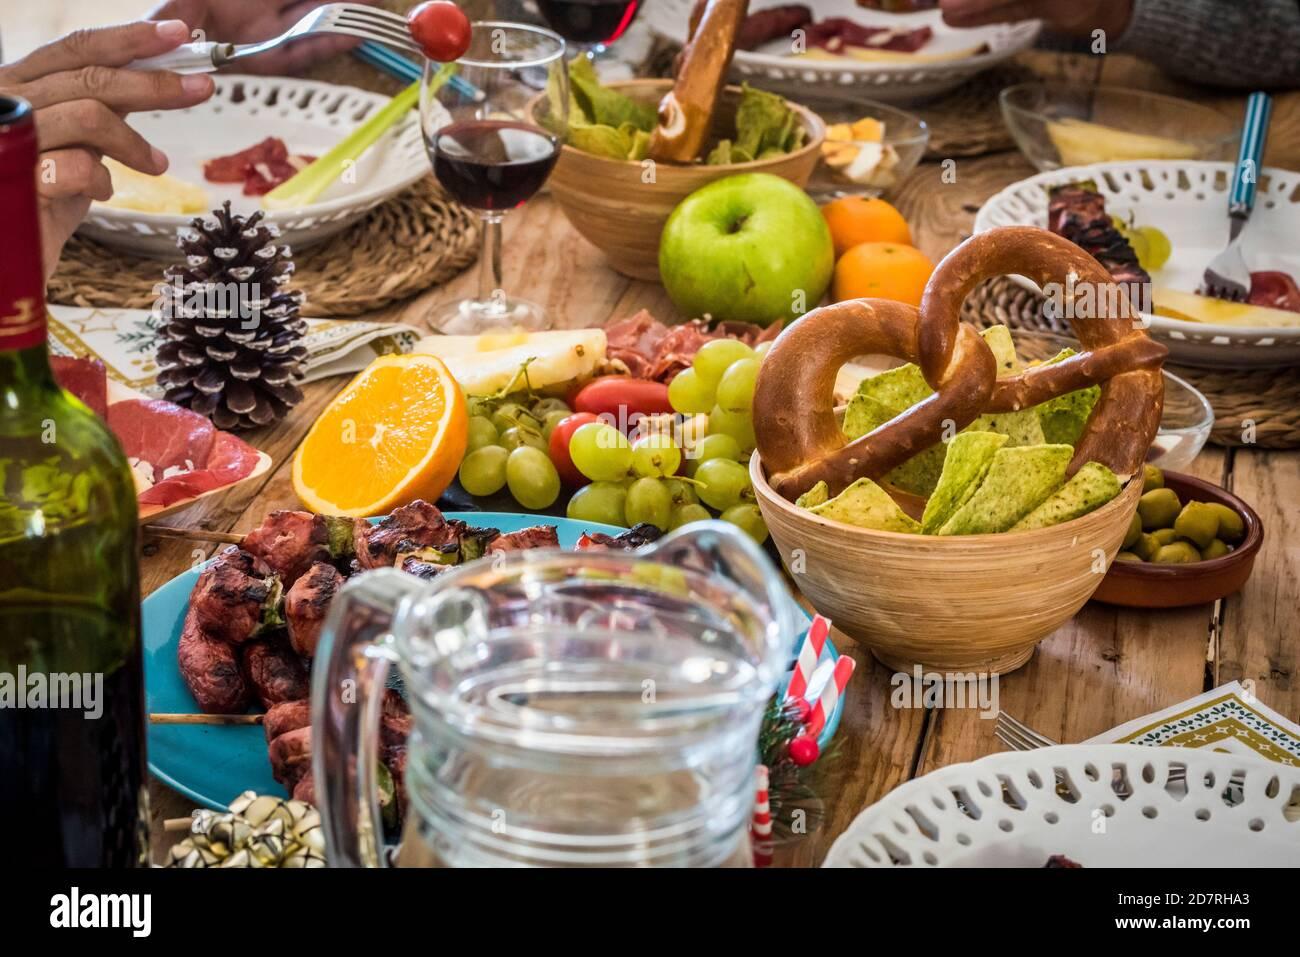 Gros plan de la décoration d'hiver la table de la veille de noël pleine de la nourriture et les gens qui apprécient la fête - concept traditionnel et de célébration Banque D'Images